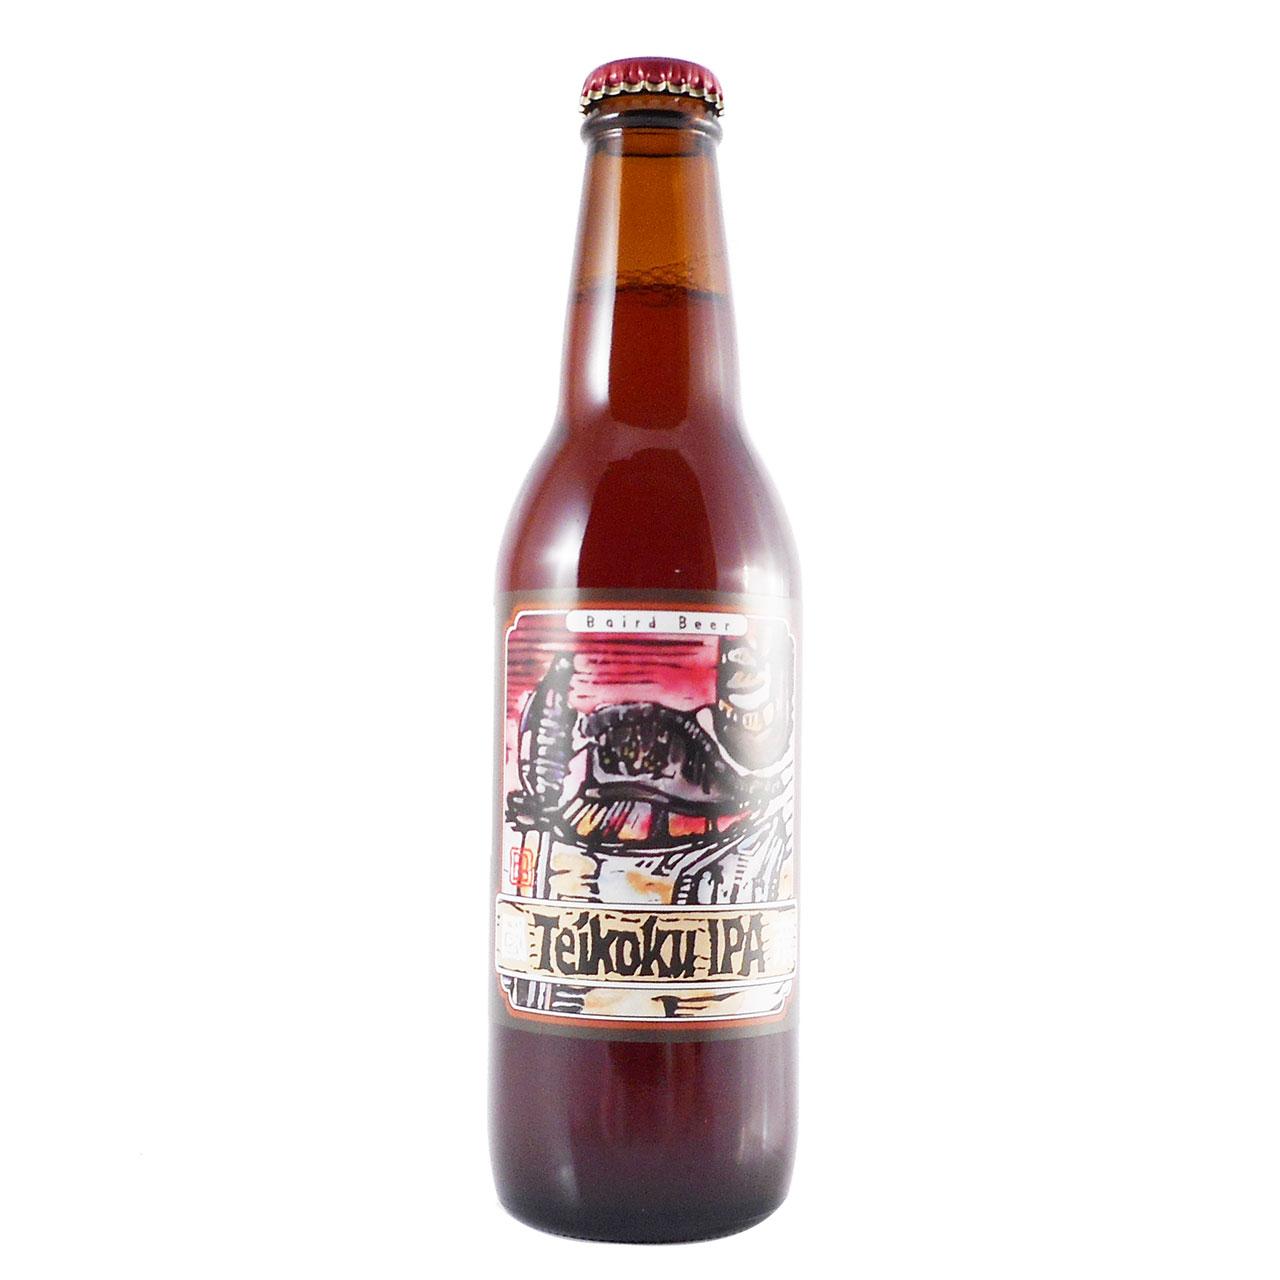 父の日 プレゼント ギフト ベアードビール 帝国IPA 330ml 24本 静岡修善寺クラフトビールケース販売 静岡県 ベアードブルーイング ビール 国産クラフトビール・地ビール ラッキーシール対応